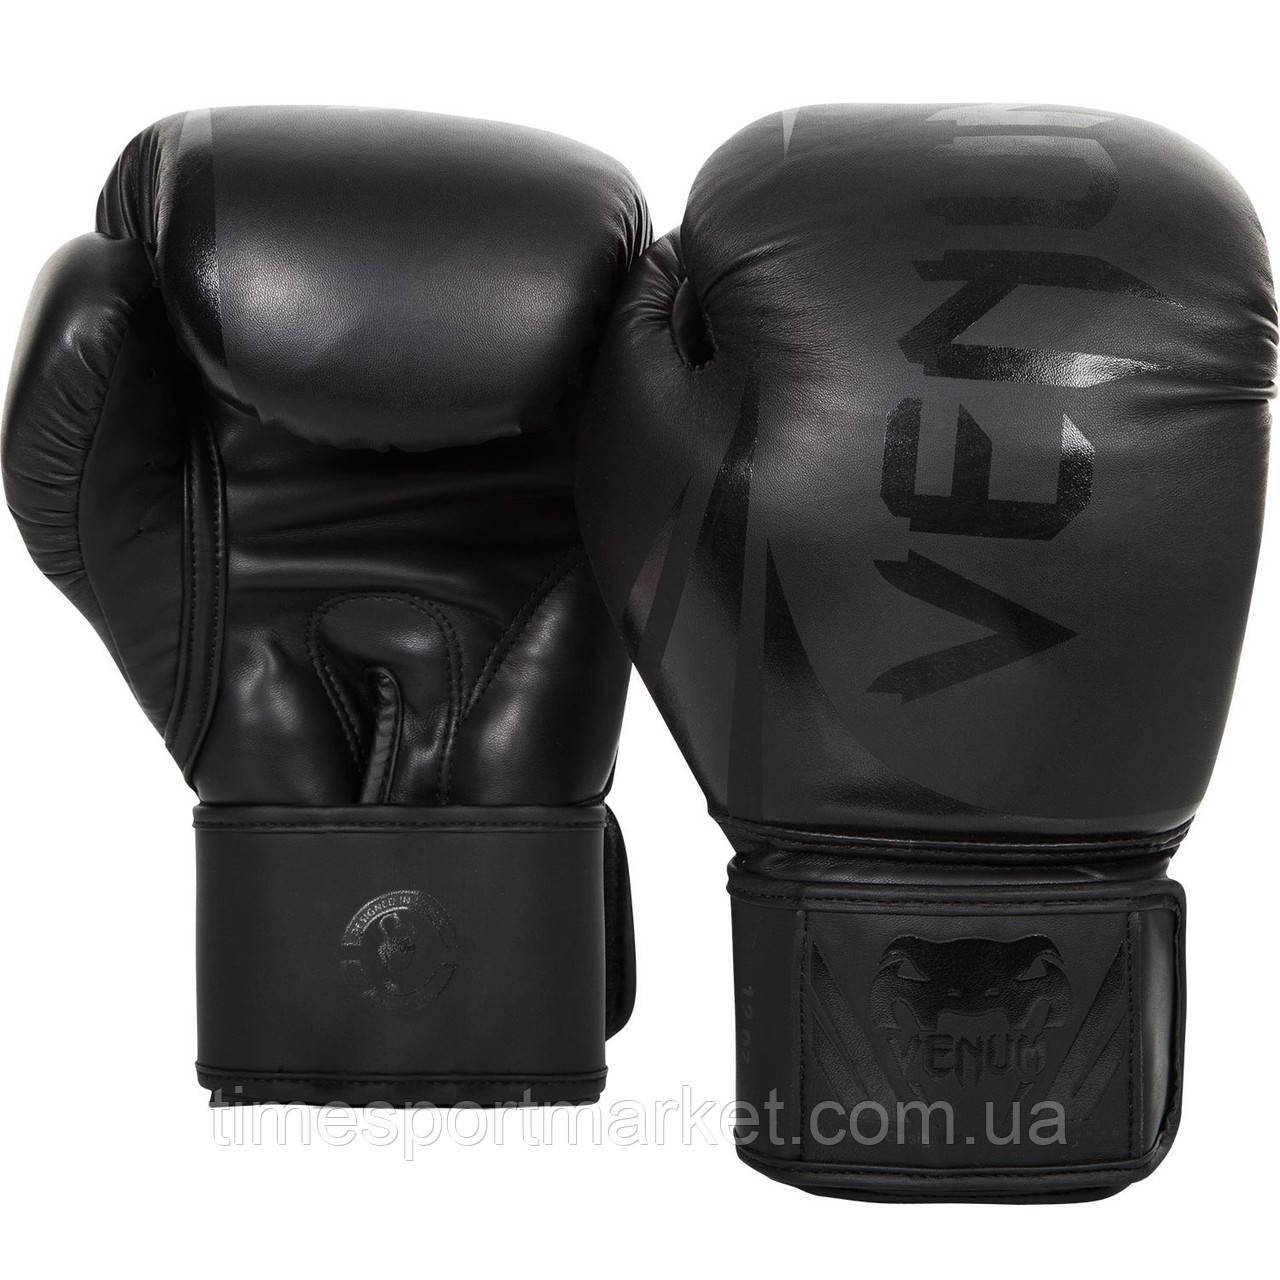 Перчатки тренировочные Venum Challenger 2.0 Boxing Gloves Black/Black